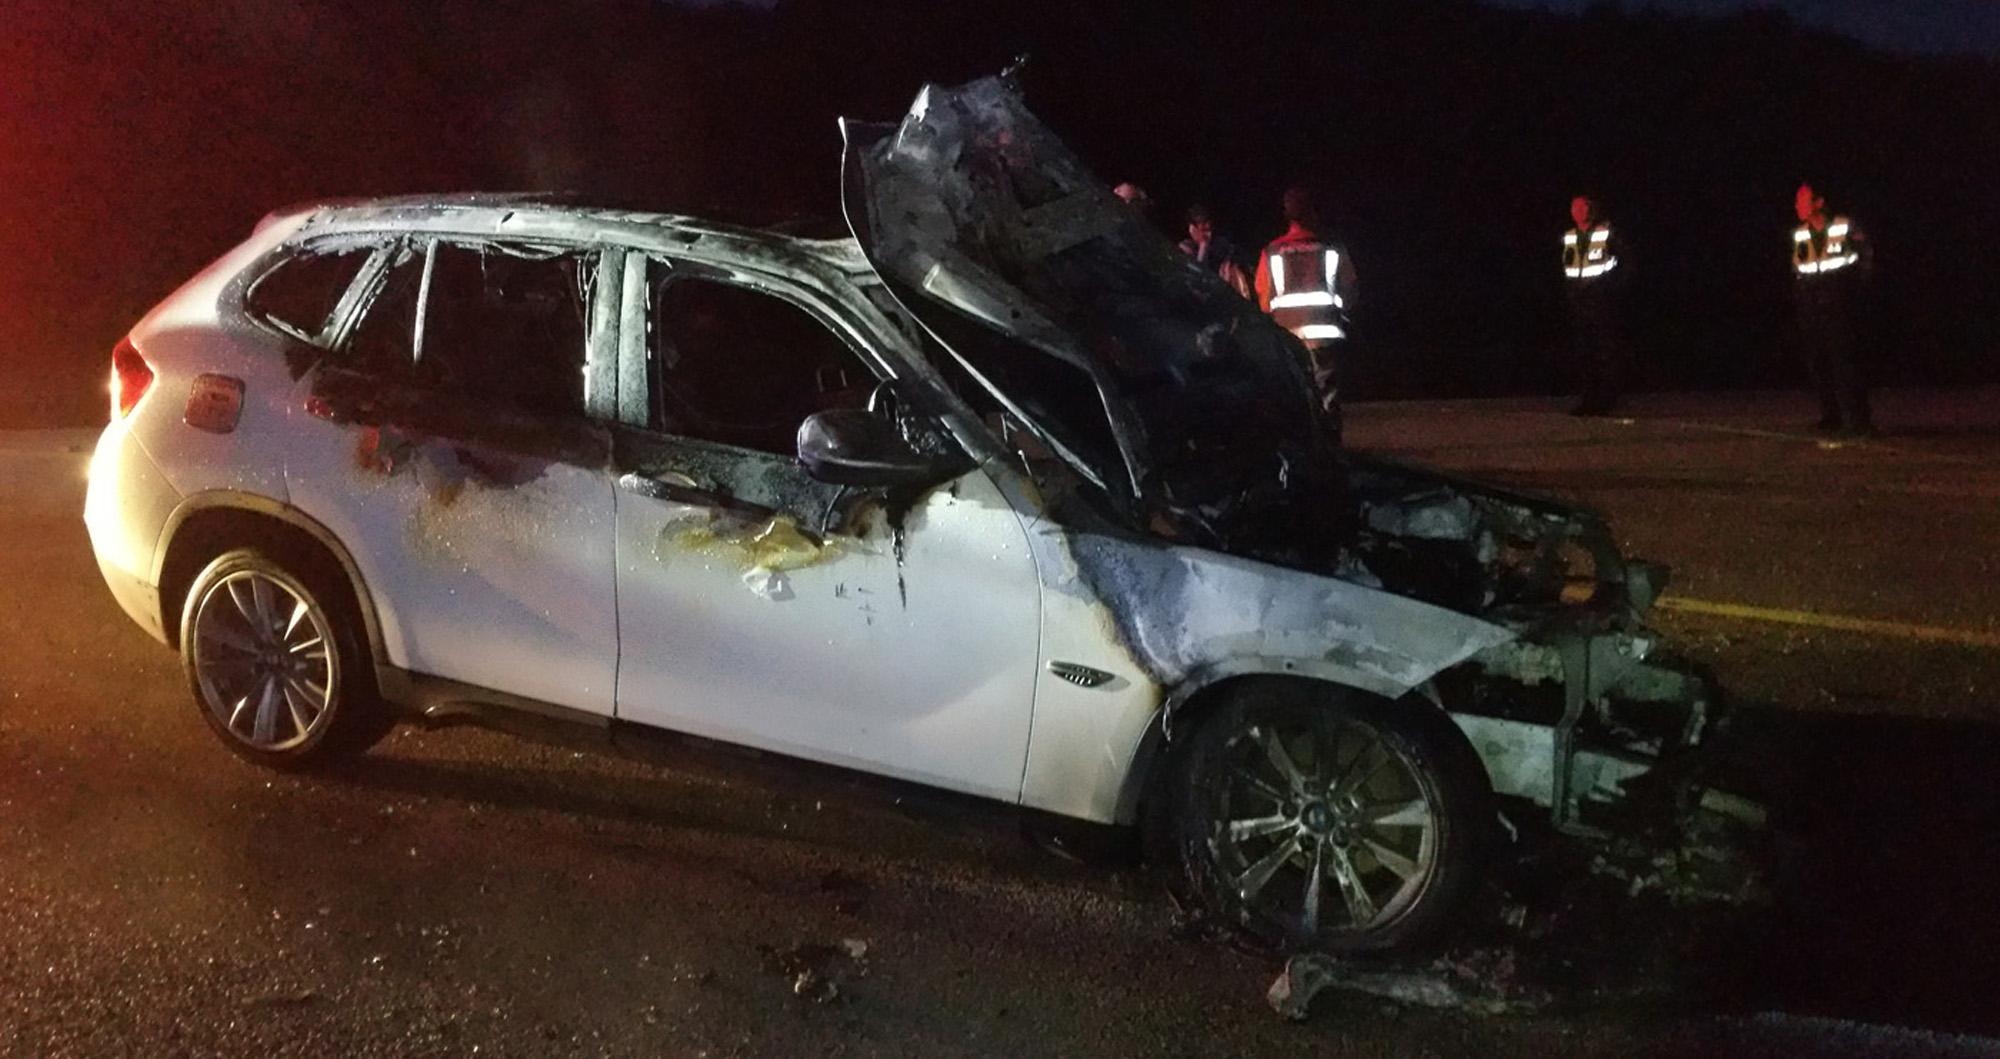 15일 오전 4시 17분쯤 전북 임실군 신덕면 오궁리 부근 도로에서 운행 중이던 BMW X1에서 불이 났다. 이 불로 차량은 전소했고 1700만원(소방서 추산)의 재산피해가 났다. [사진 전북소방본부]